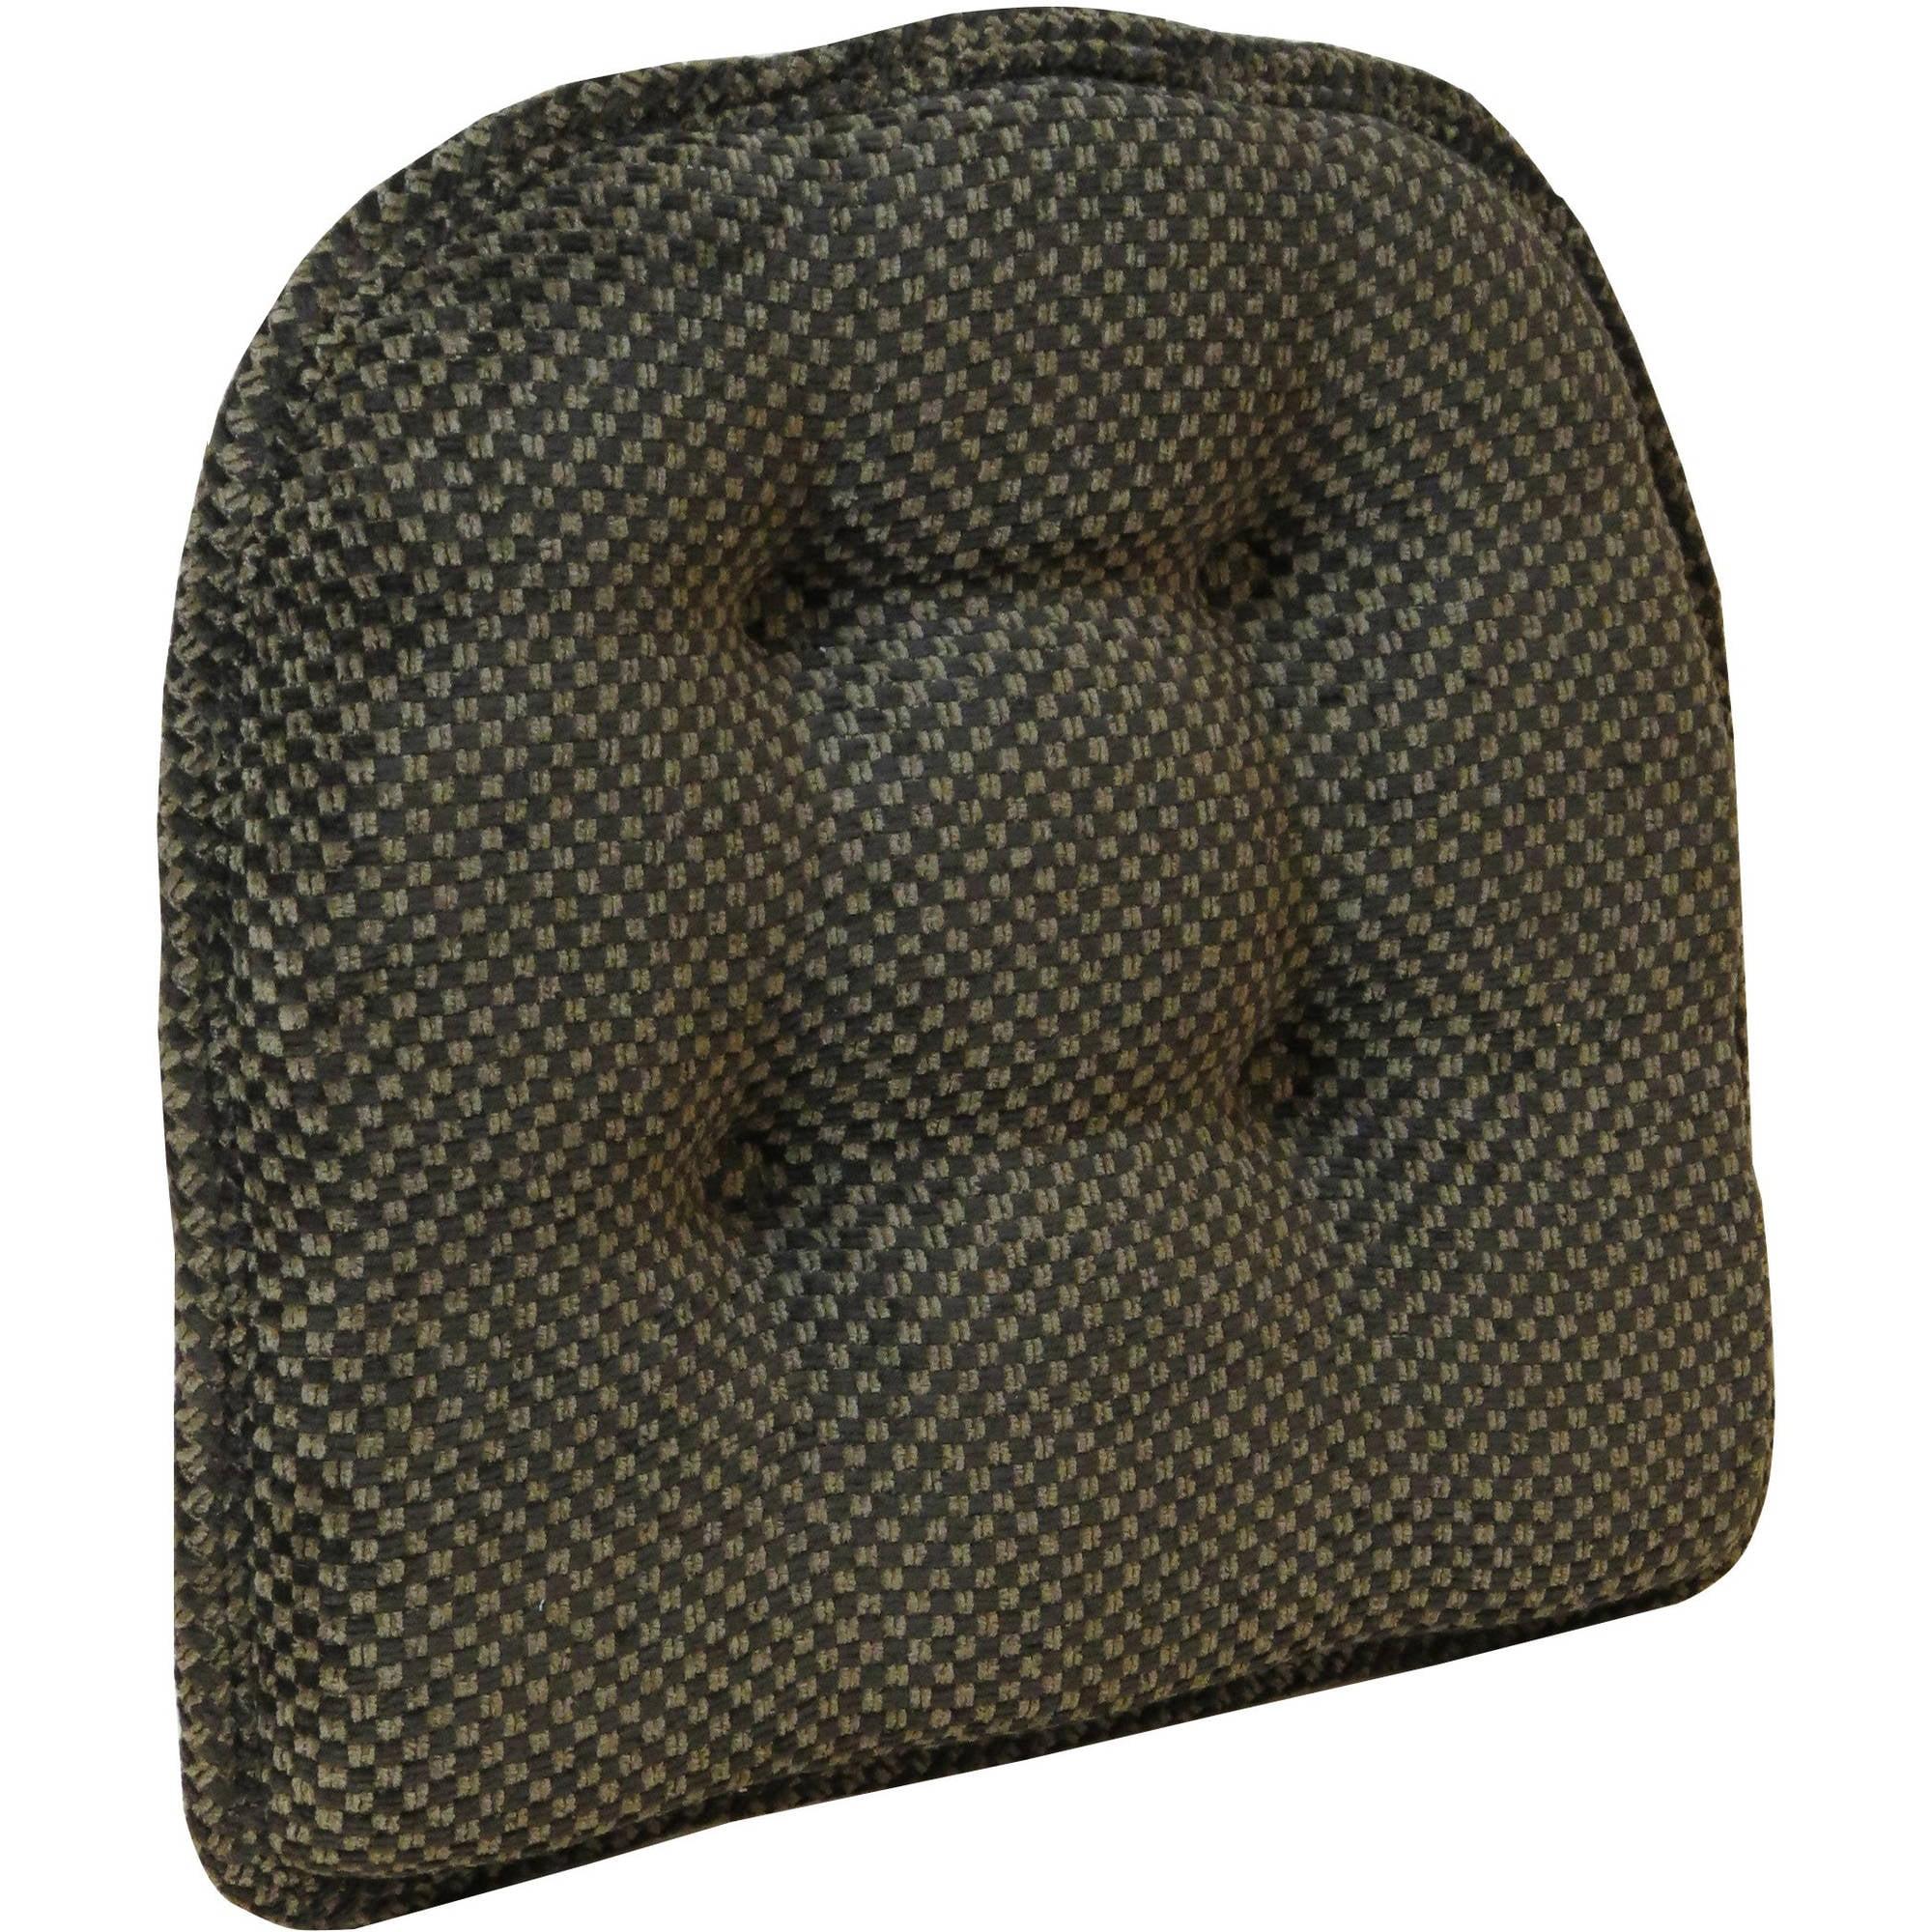 """Gripper Non-Slip 15"""" x 16"""" Brown Textured Chair Pad by Klear Vu"""